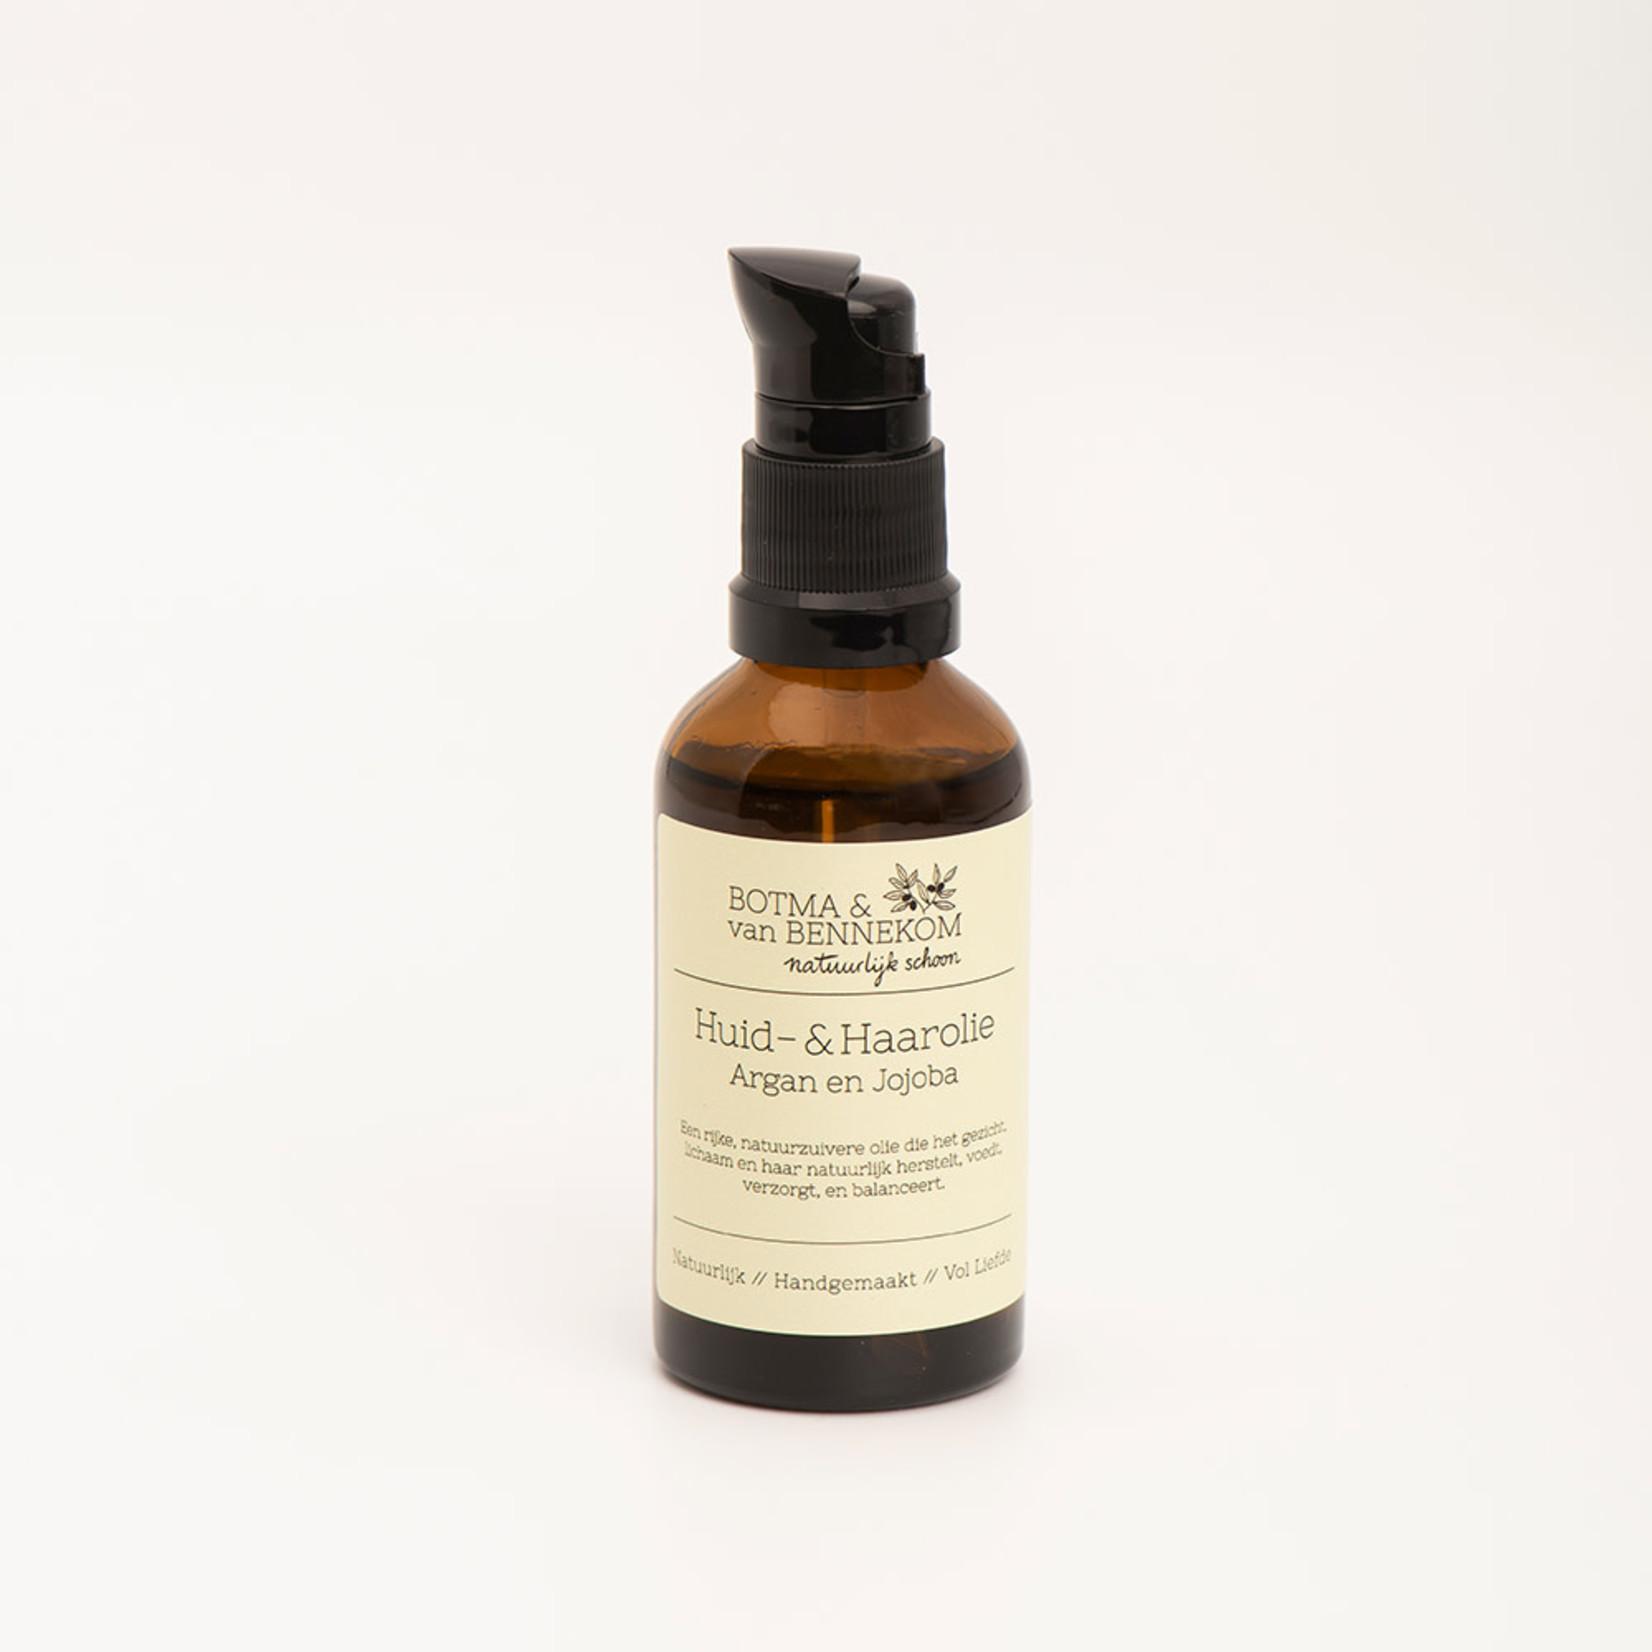 Botma & van Bennekom • huid- & haarolie 50 ml